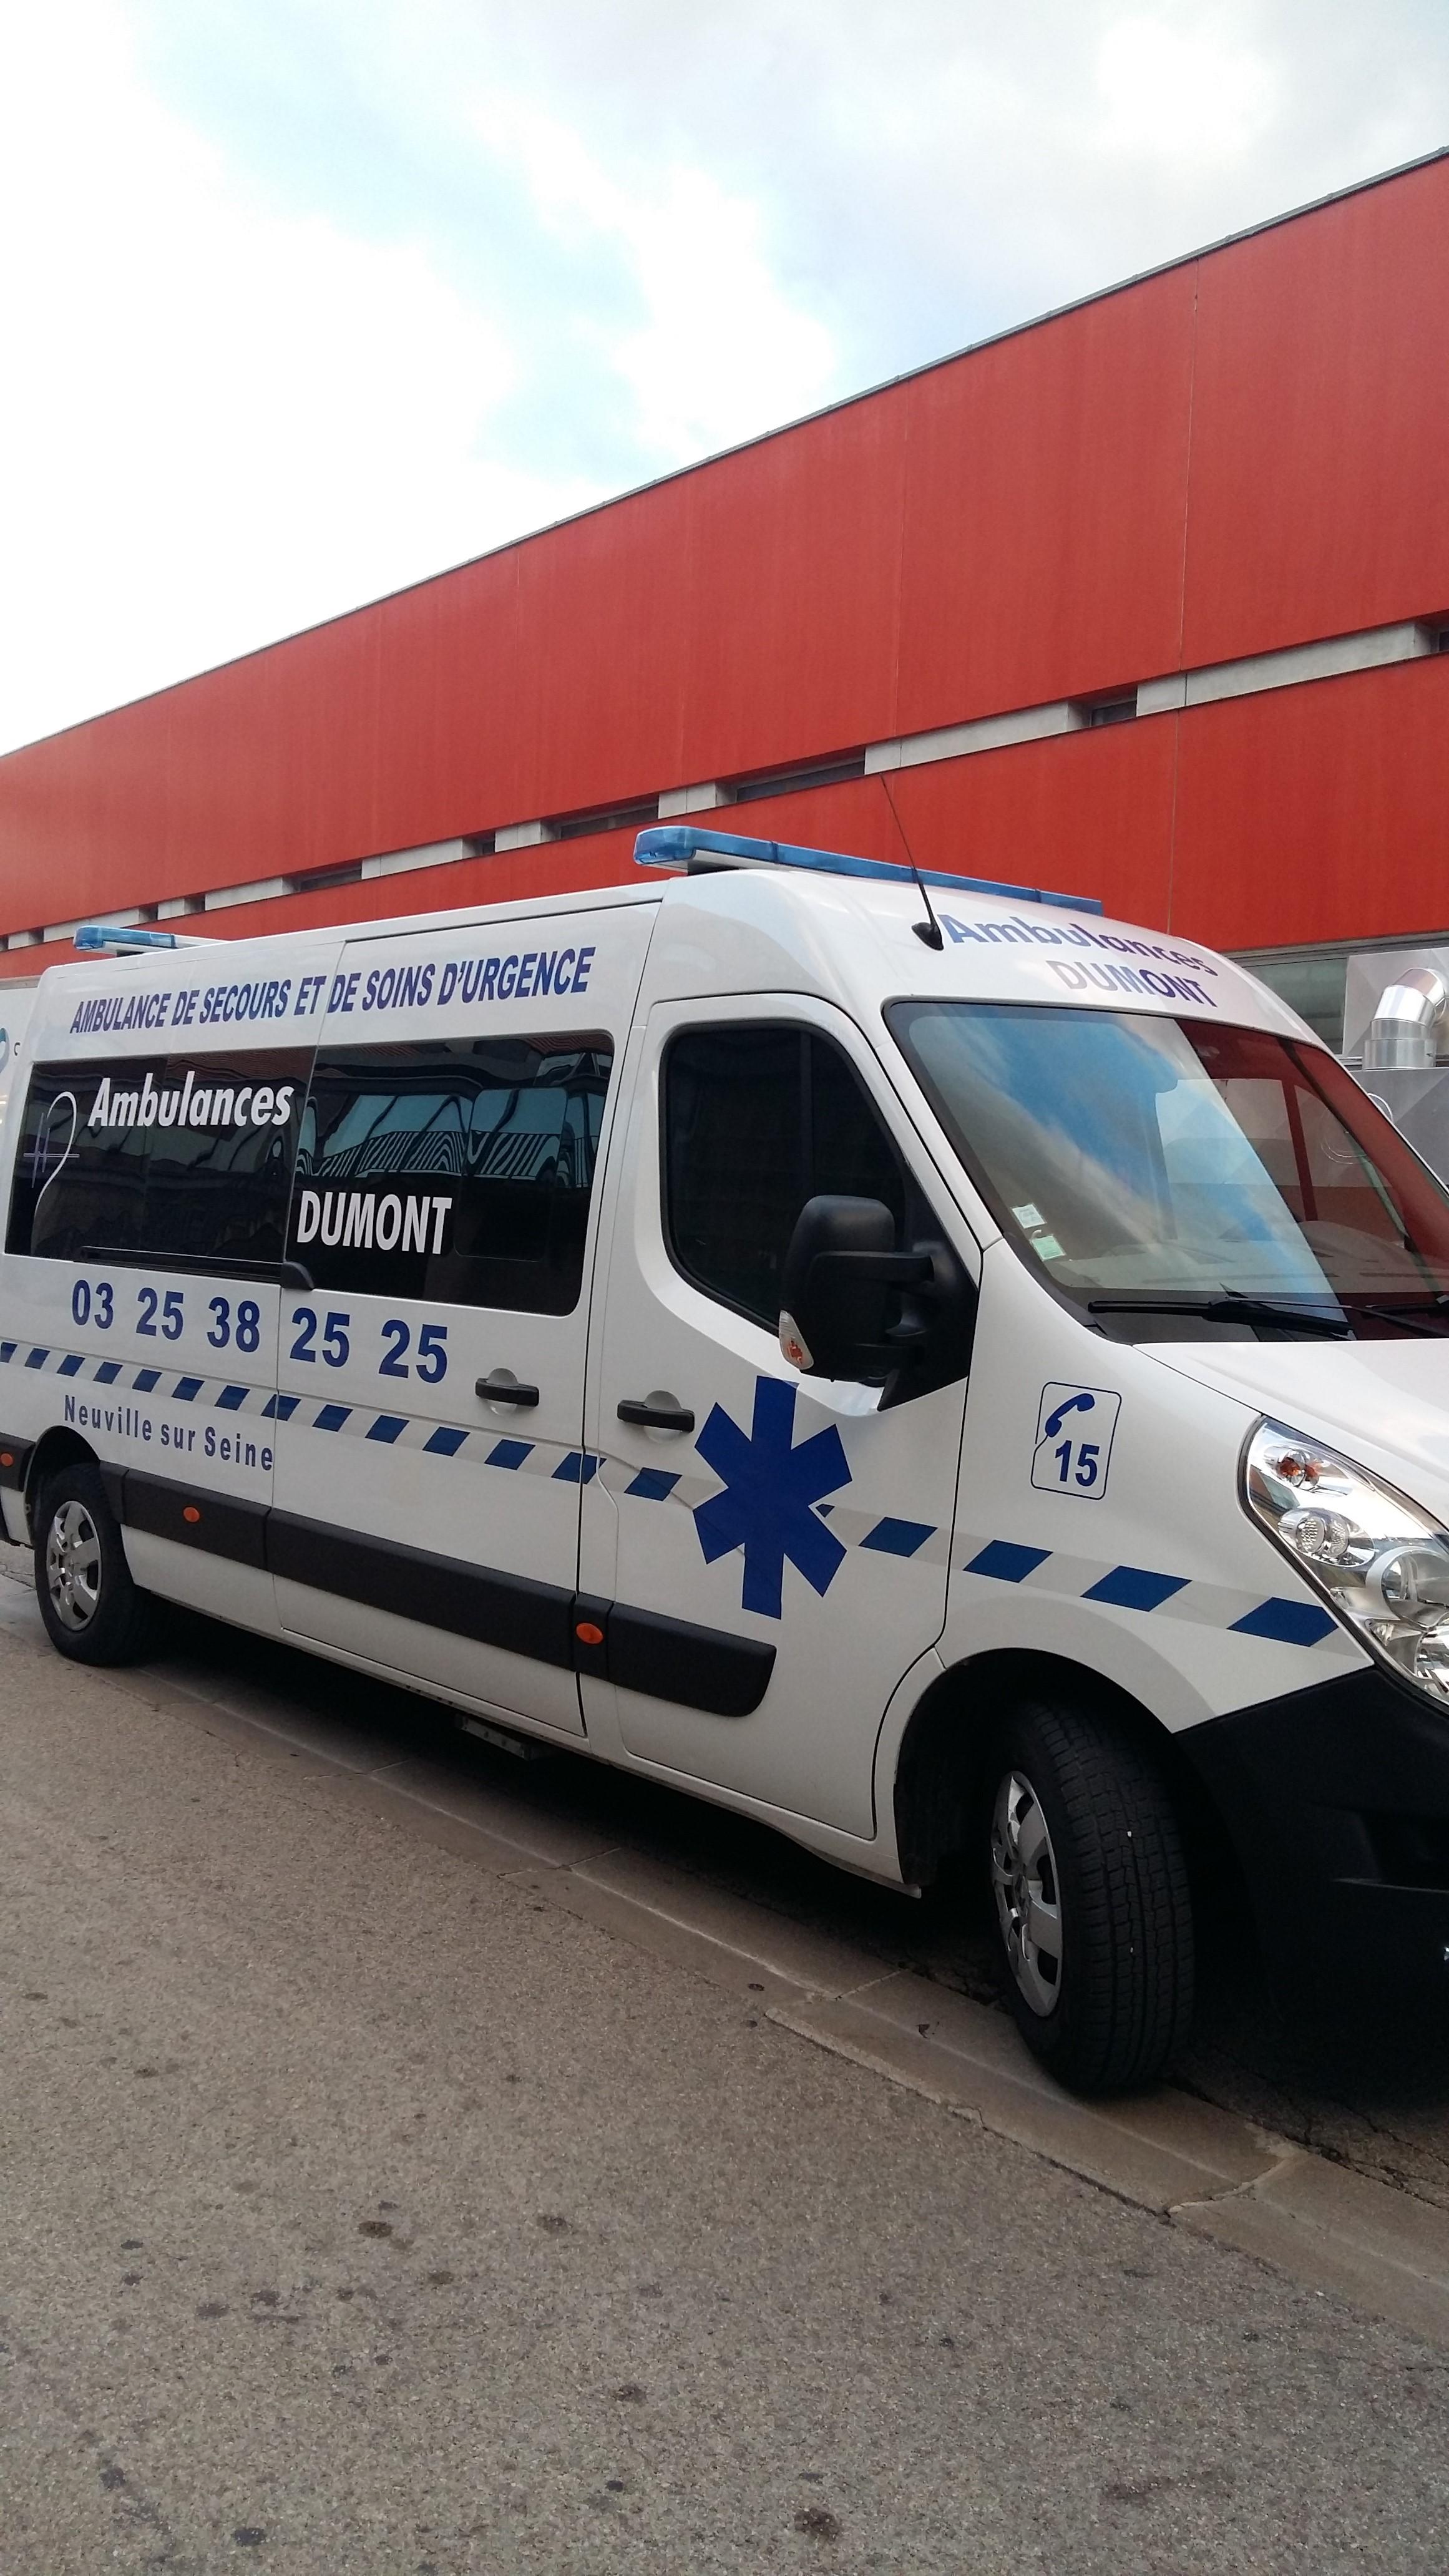 Ambulances Taxi VSL Dumont